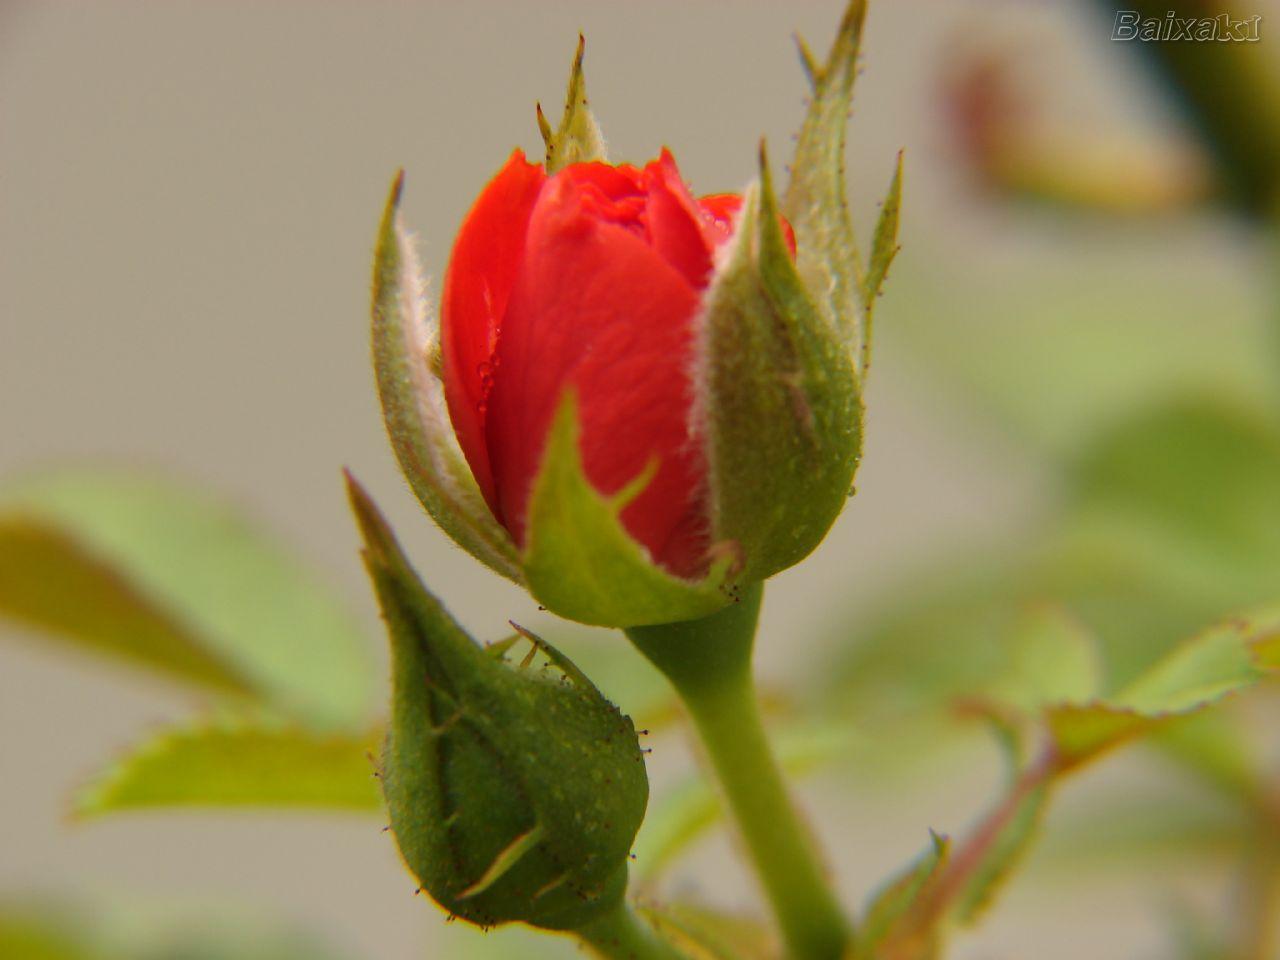 7be925a3c Em geral, as rosas amarelas significam satisfação e alegria, mas podem  servir como advertência: